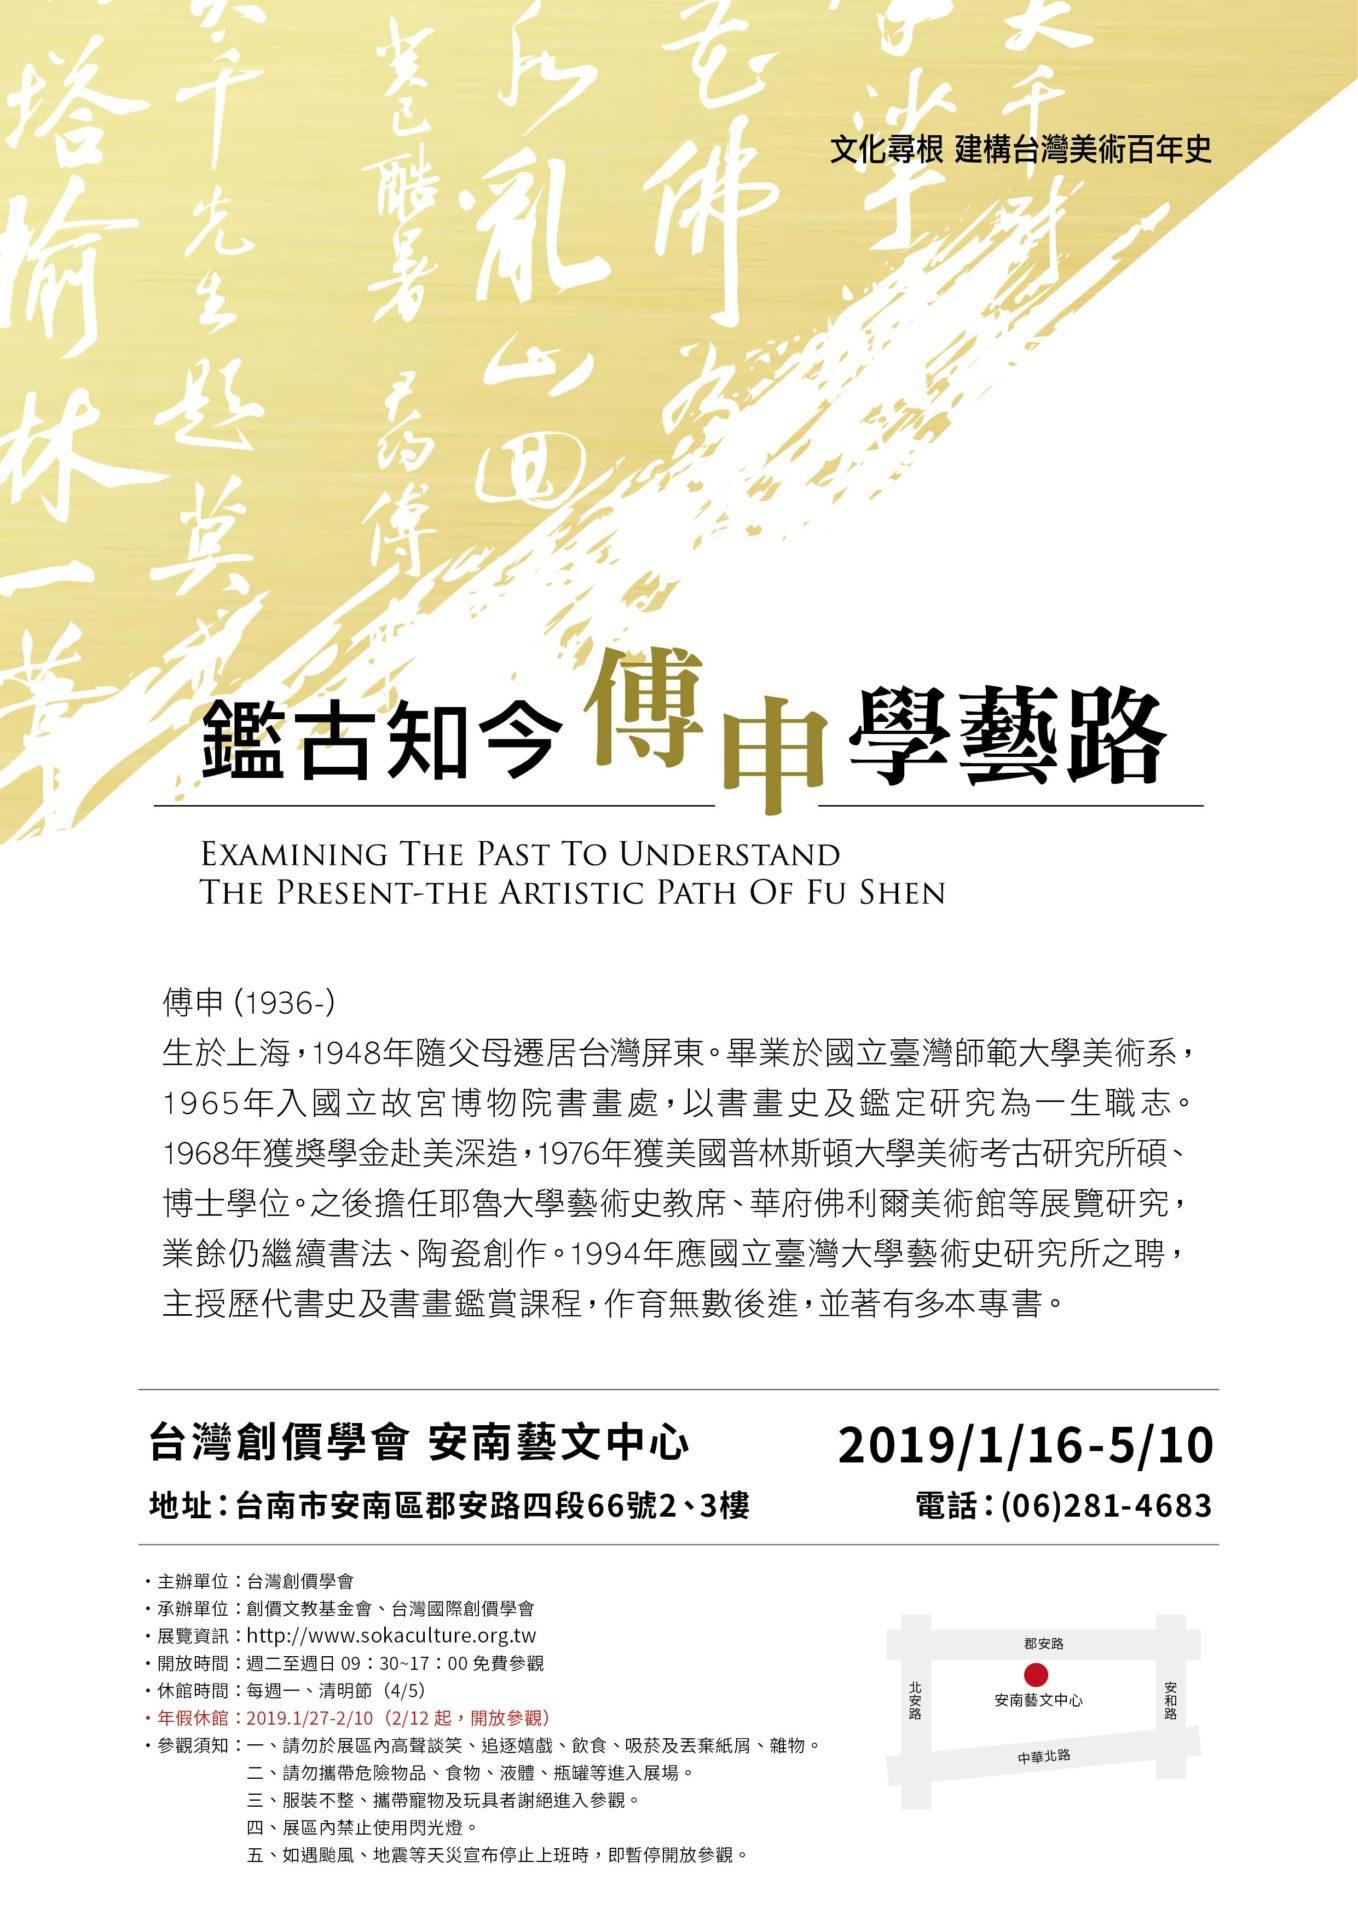 台灣創價學會─安南藝文中心:2019/1/16-2019/5/10【鑑古知今─傅申學藝路】